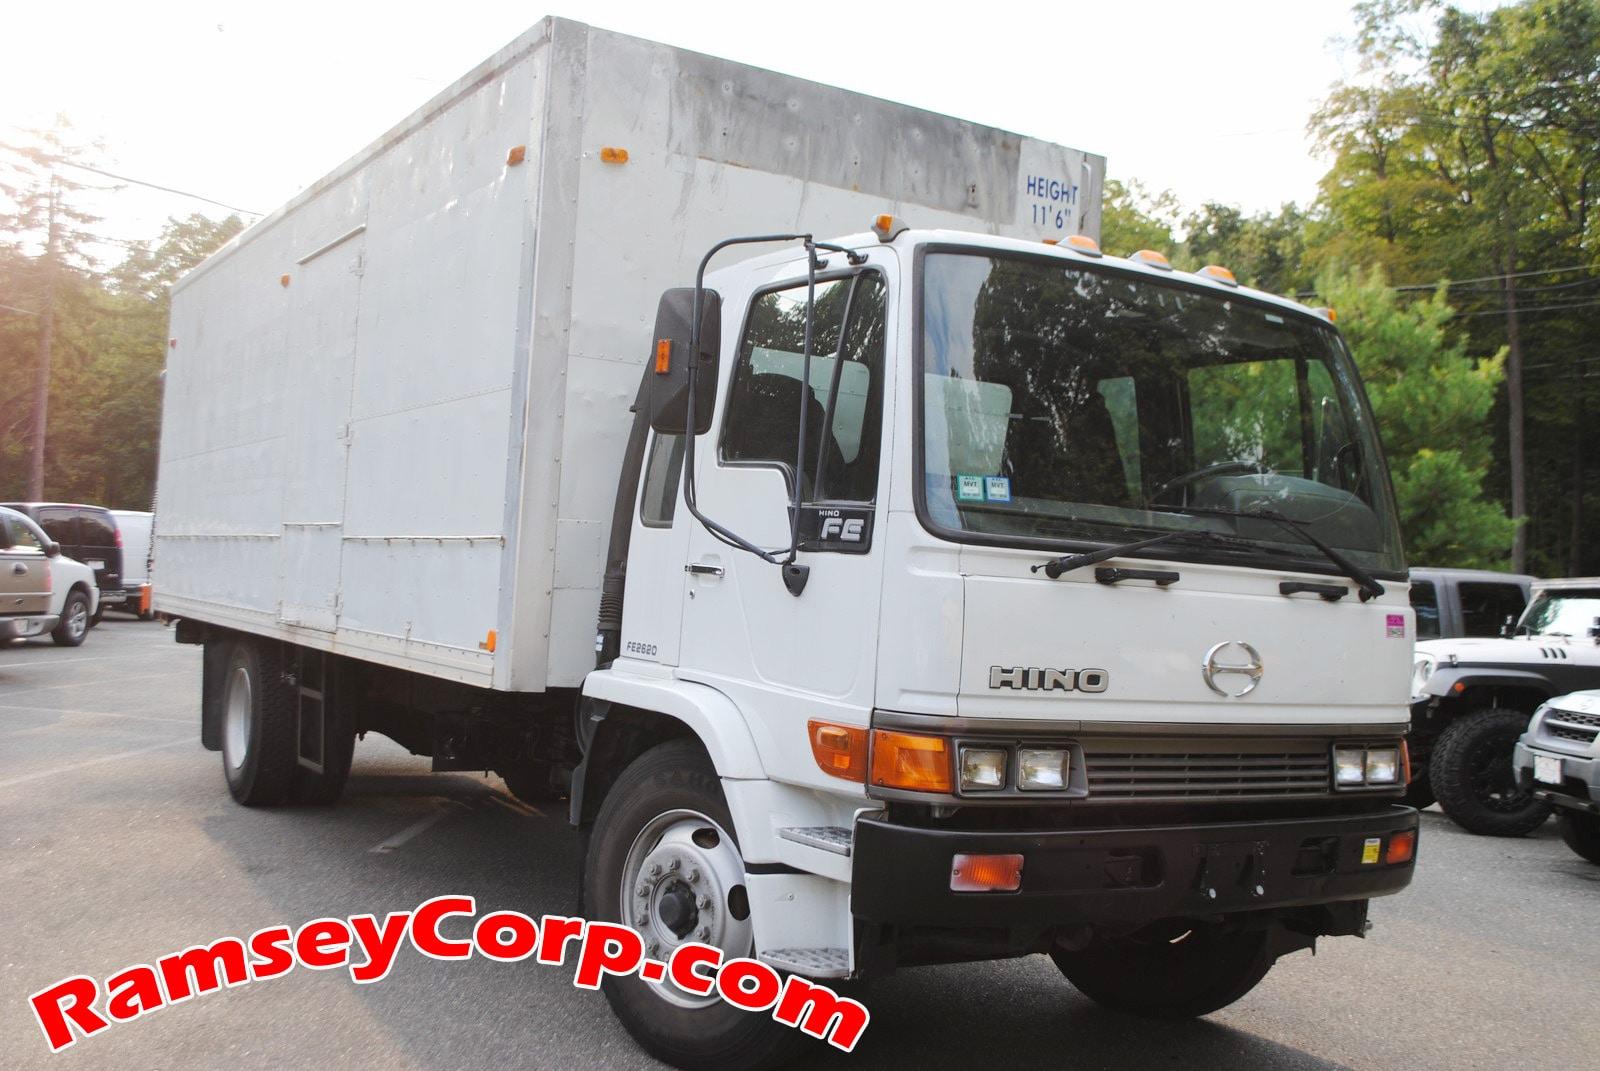 2002 HINO FE2620 Diesel Truck